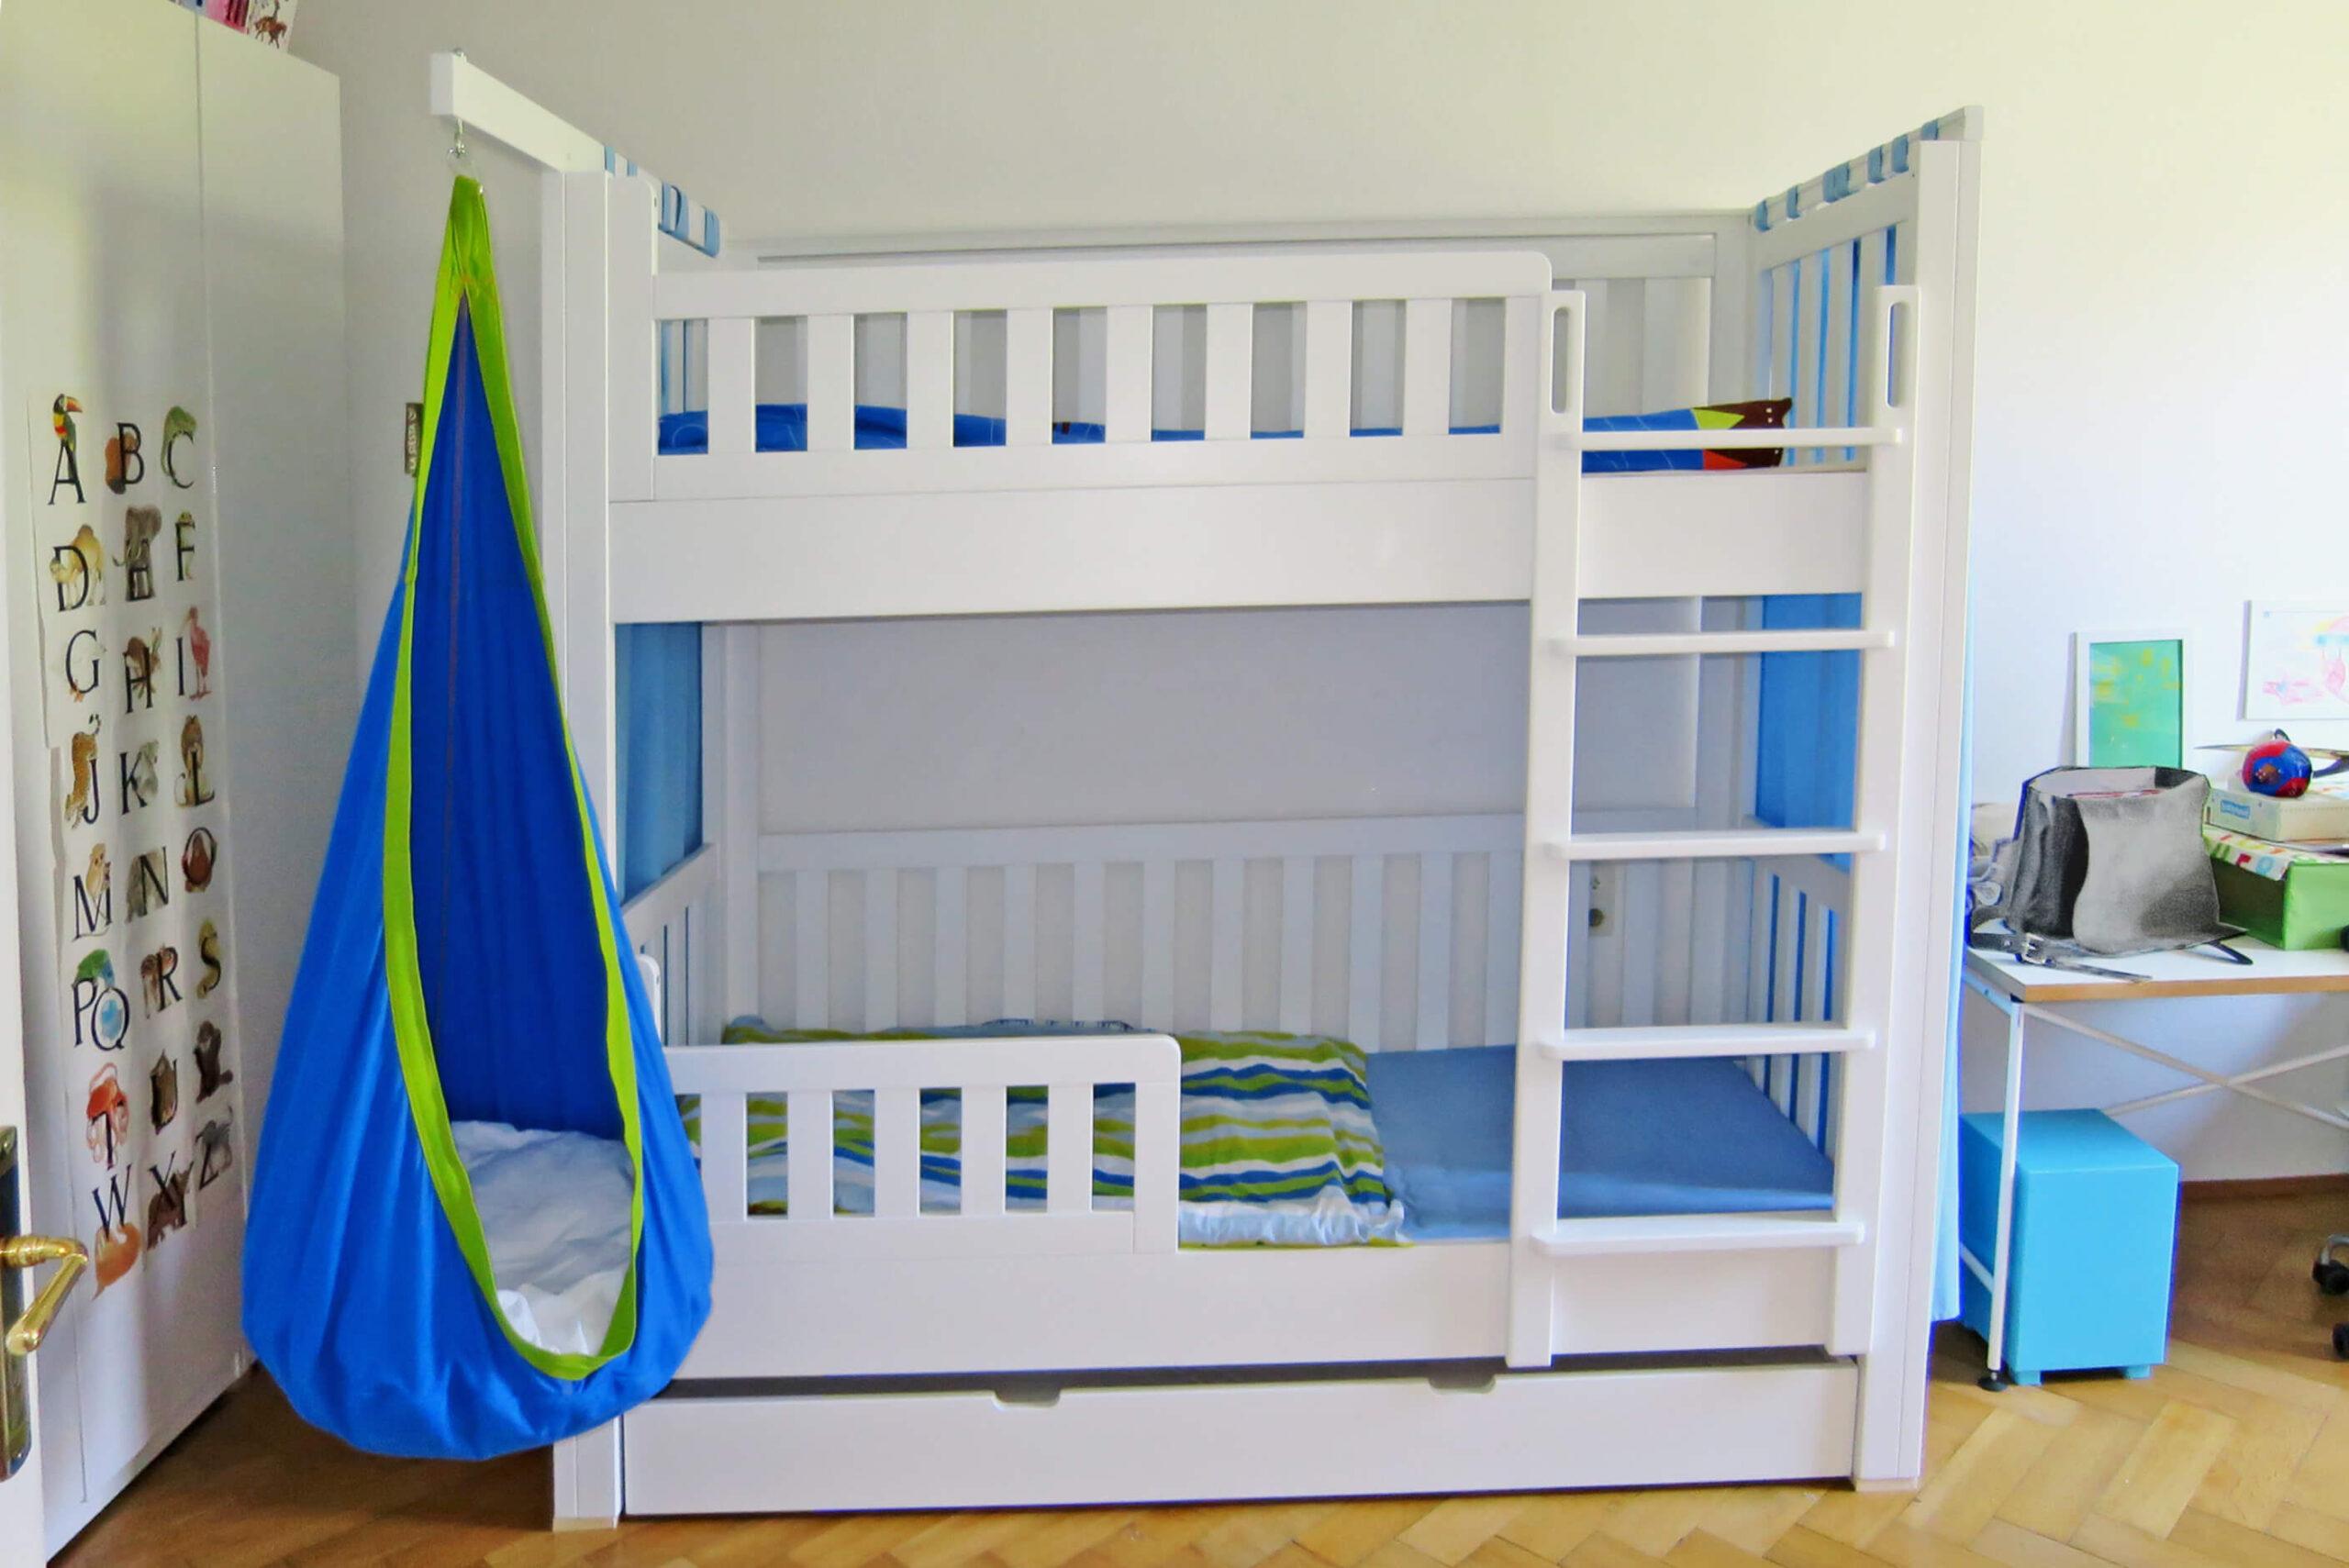 Full Size of Kinderzimmer Hochbett Galerie Hochbetten 24de Regale Regal Weiß Sofa Kinderzimmer Kinderzimmer Hochbett